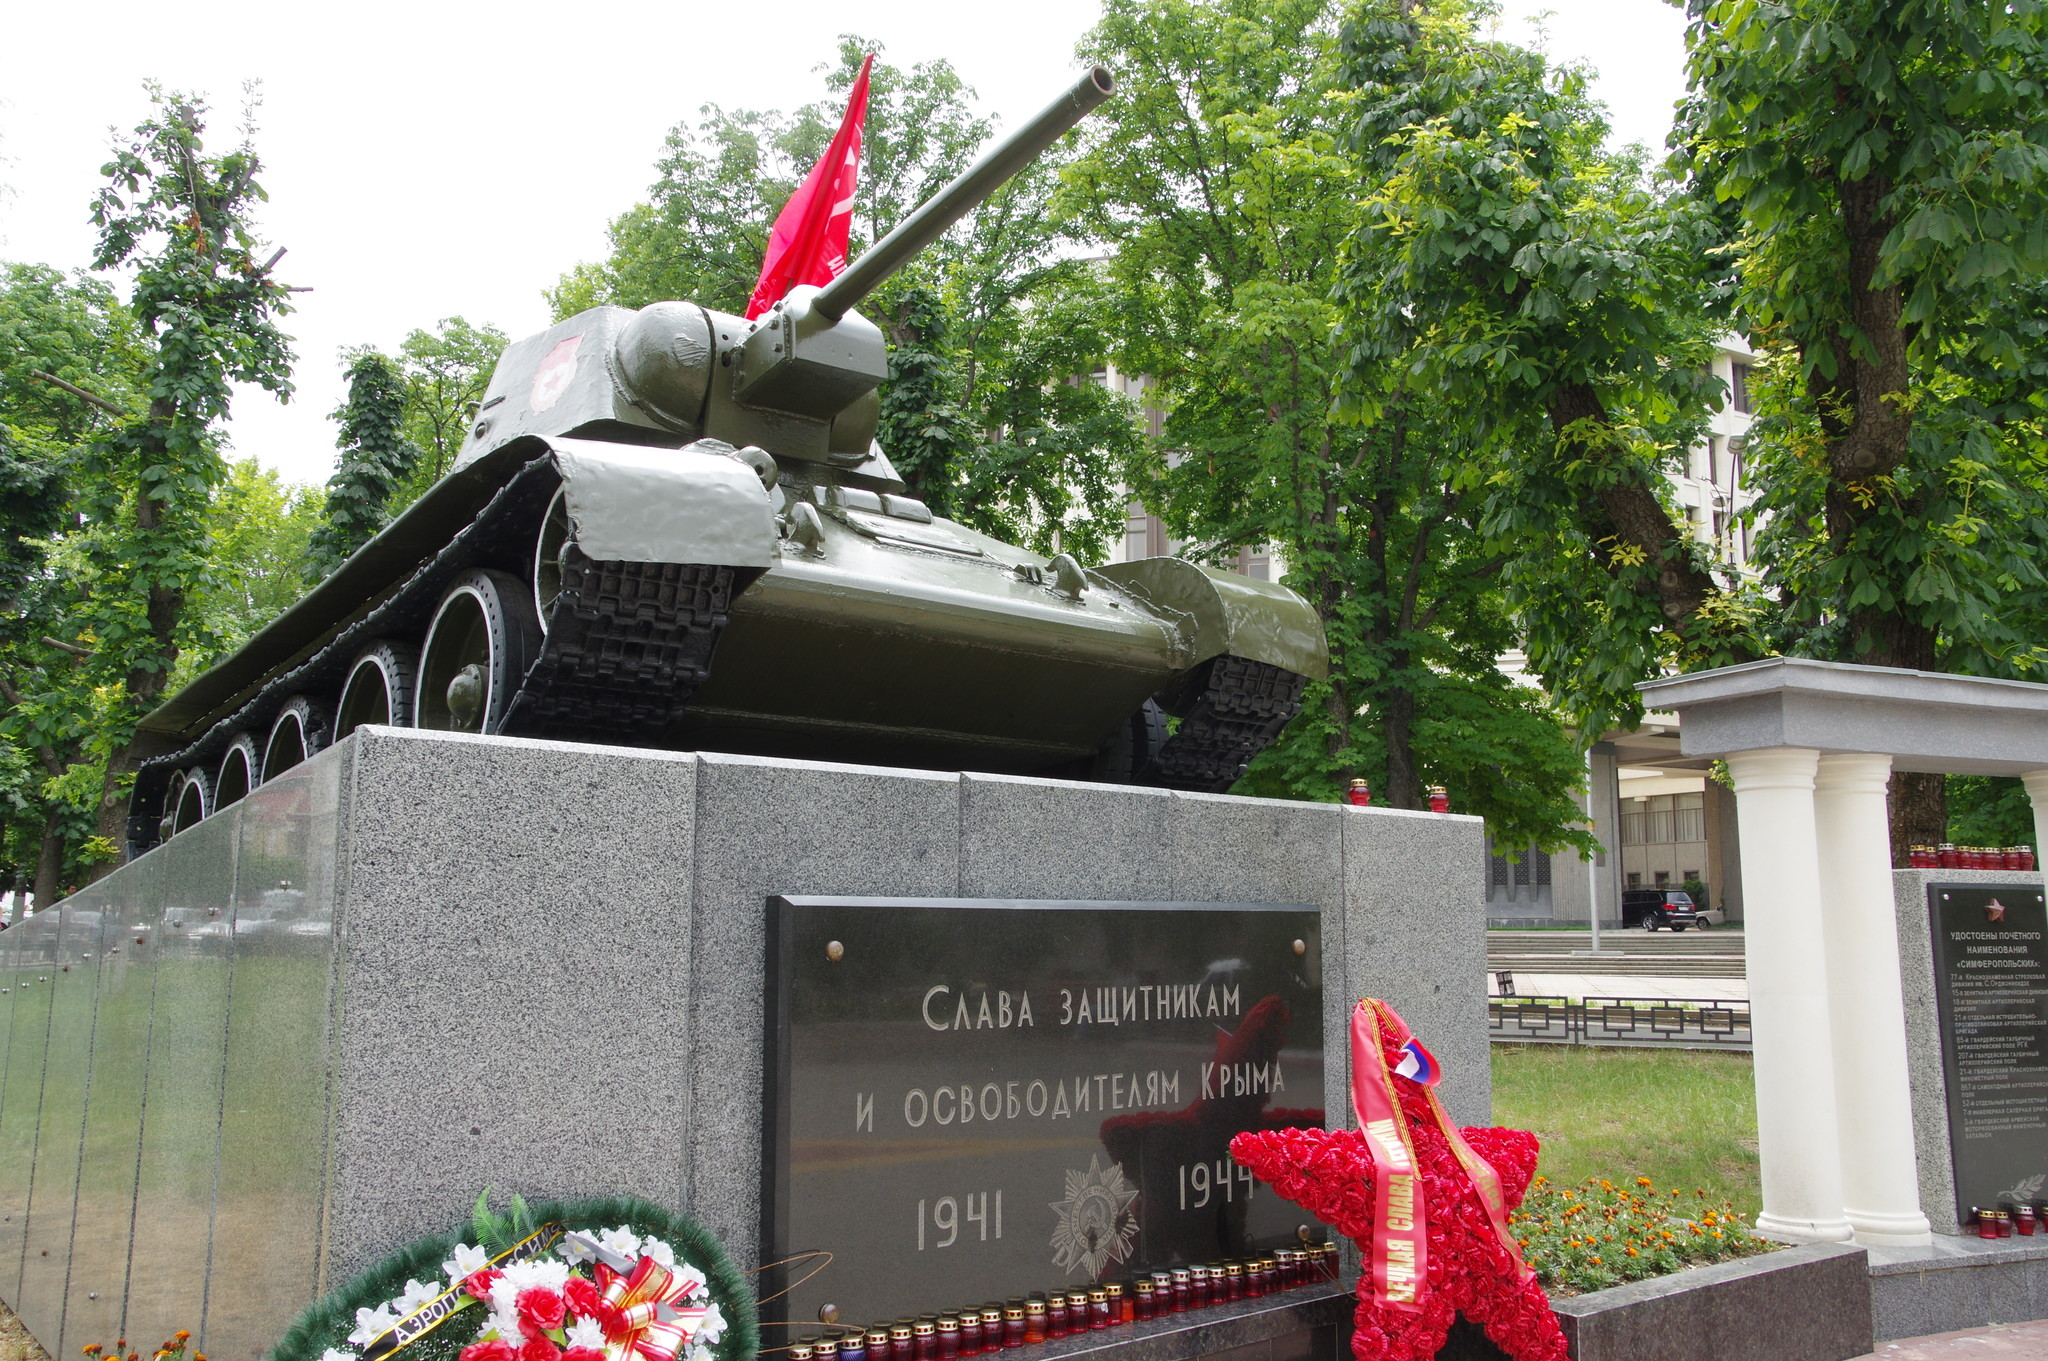 Танк-памятник освободителям Симферополя установленный в 1944 году в Симферополе в Пионерском парке (ныне сквер Победы) в честь освободителей города